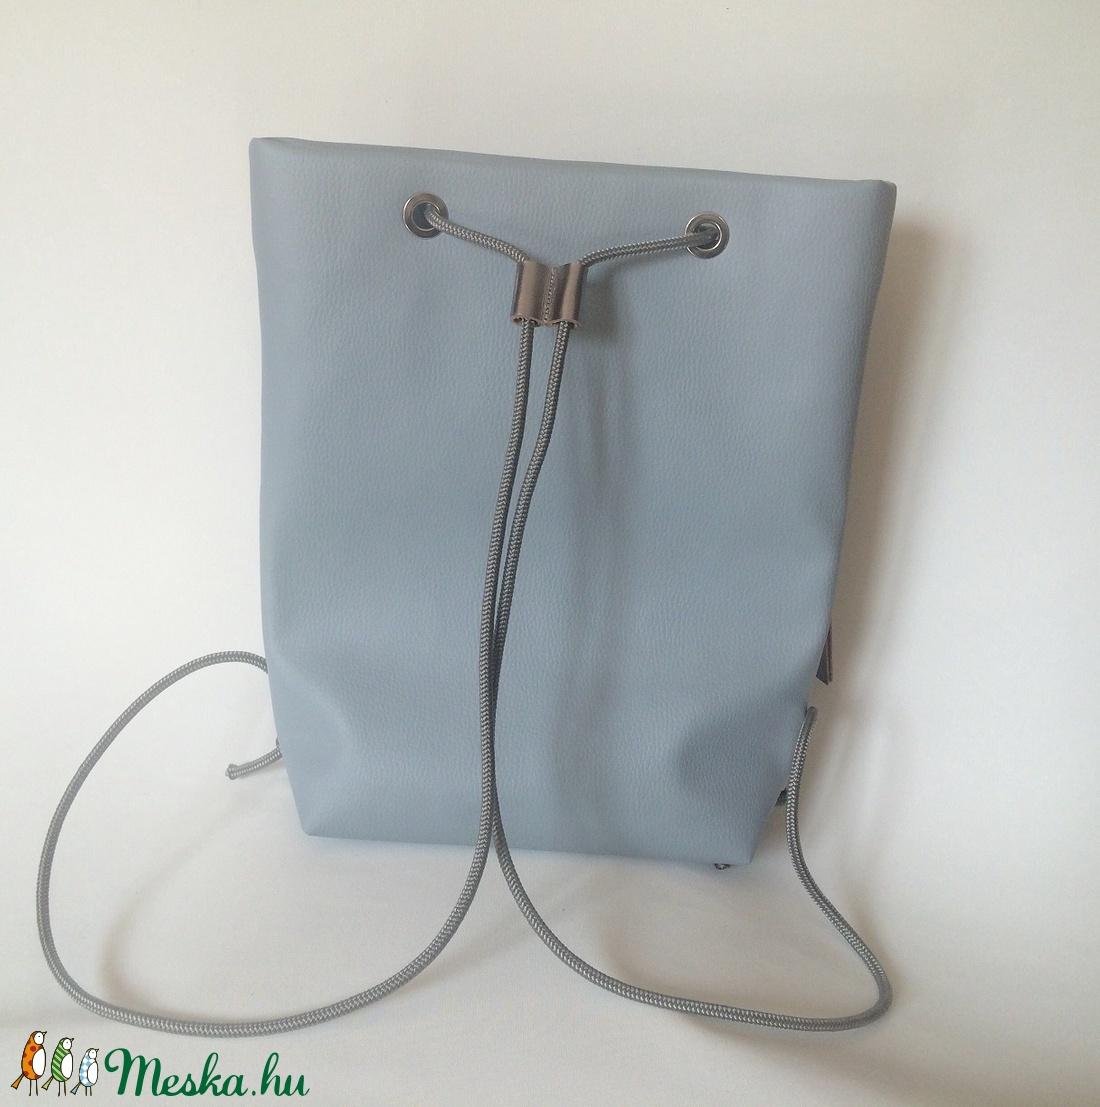 ... TEKLA bag halványkék-ezüst bőr zsebes hátizsák (hegymegigabi) -  Meska.hu ... dc70ff9abb